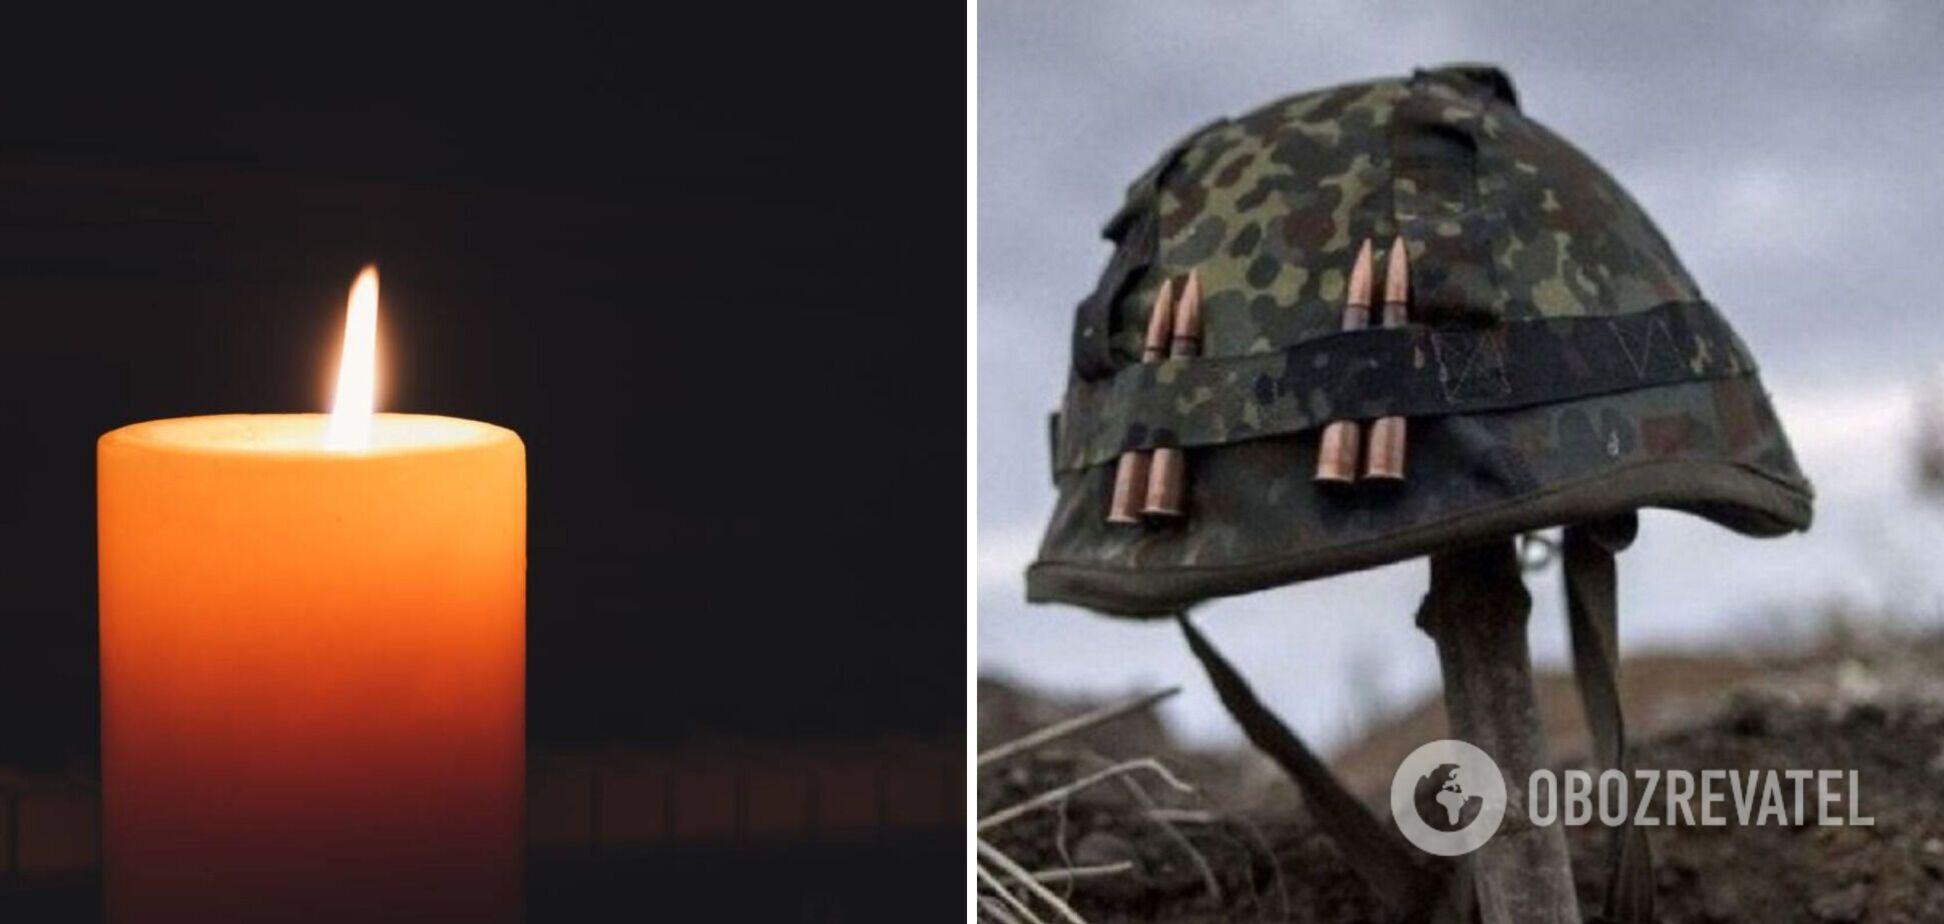 Названо ім'я молодого бійця ЗСУ, який загинув 13 вересня на Донбасі. Фото